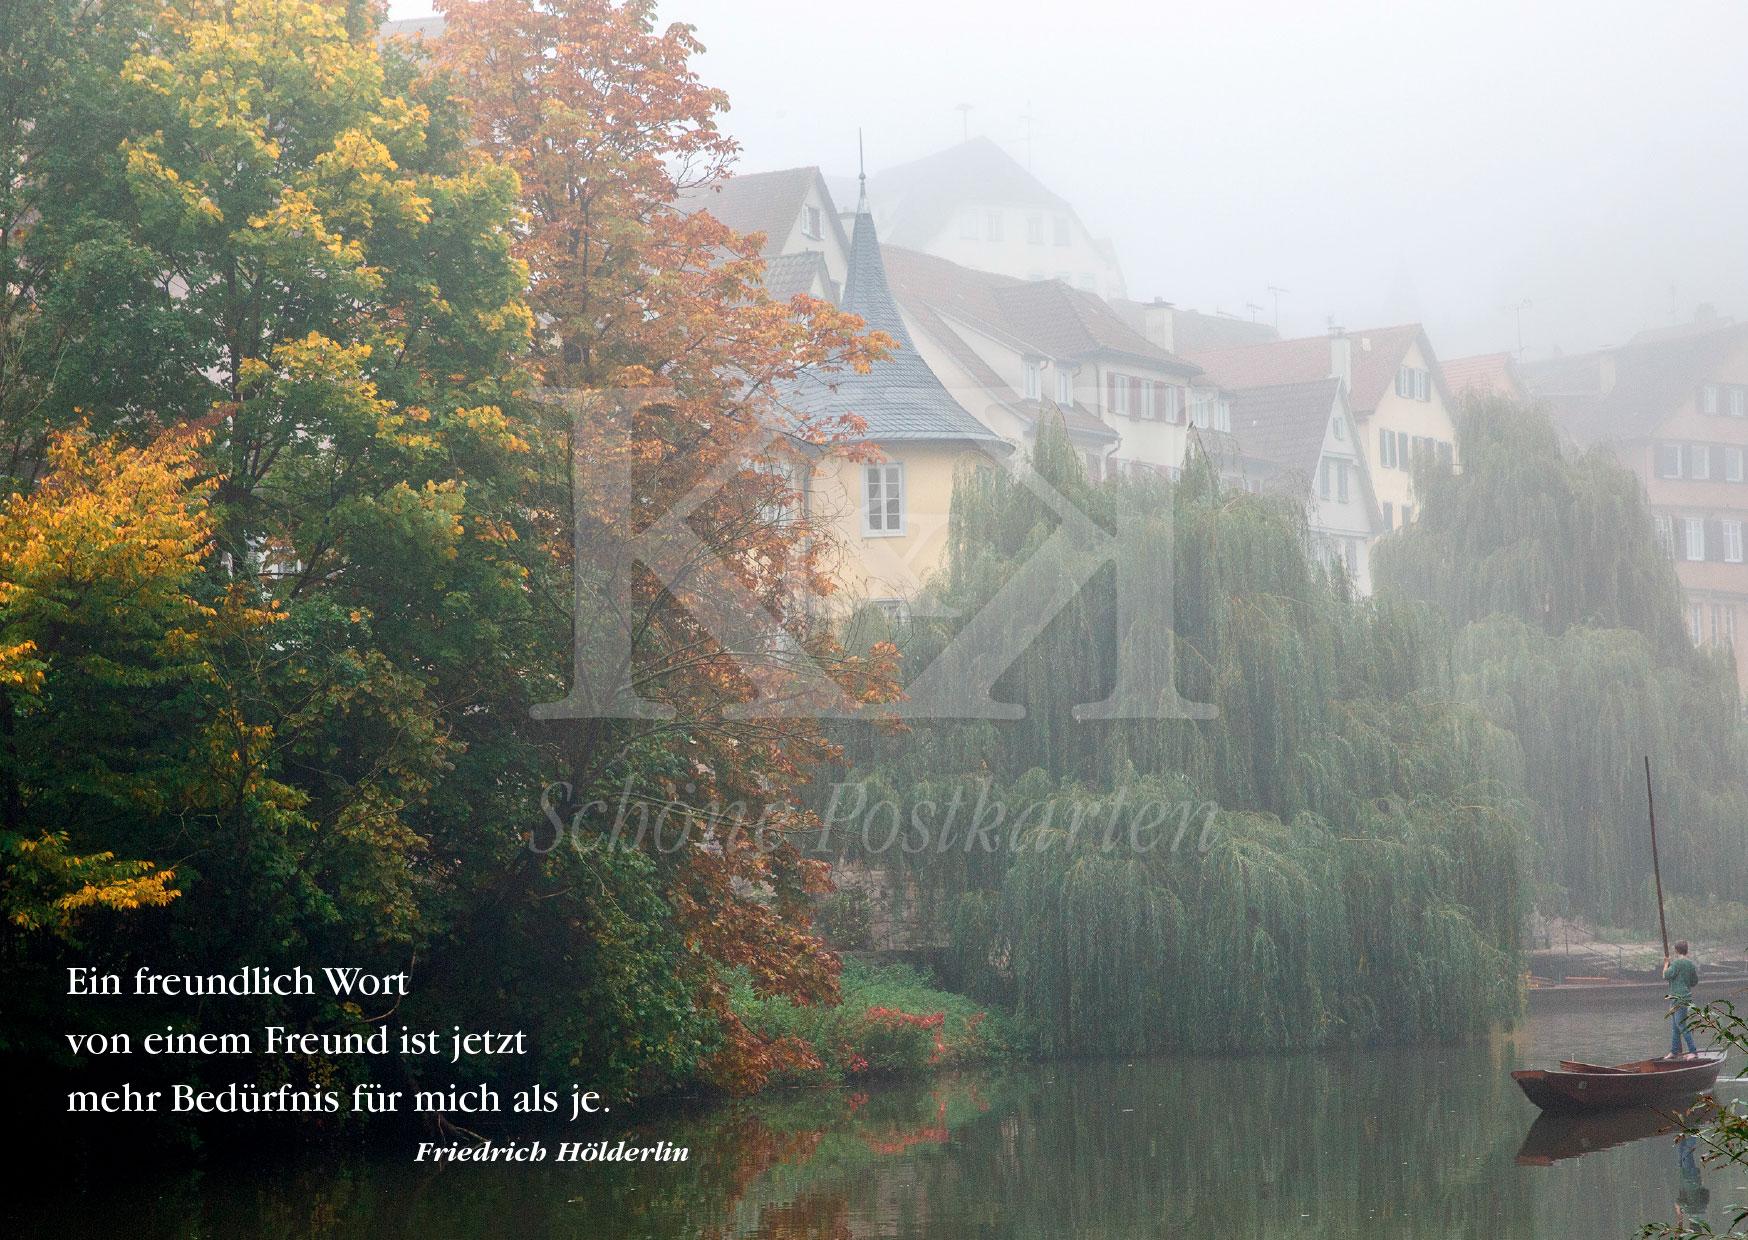 >>> NEU: Schöne Postkarte Nr. 39 · Ein fast magischer Ort: der Hölderlinturm